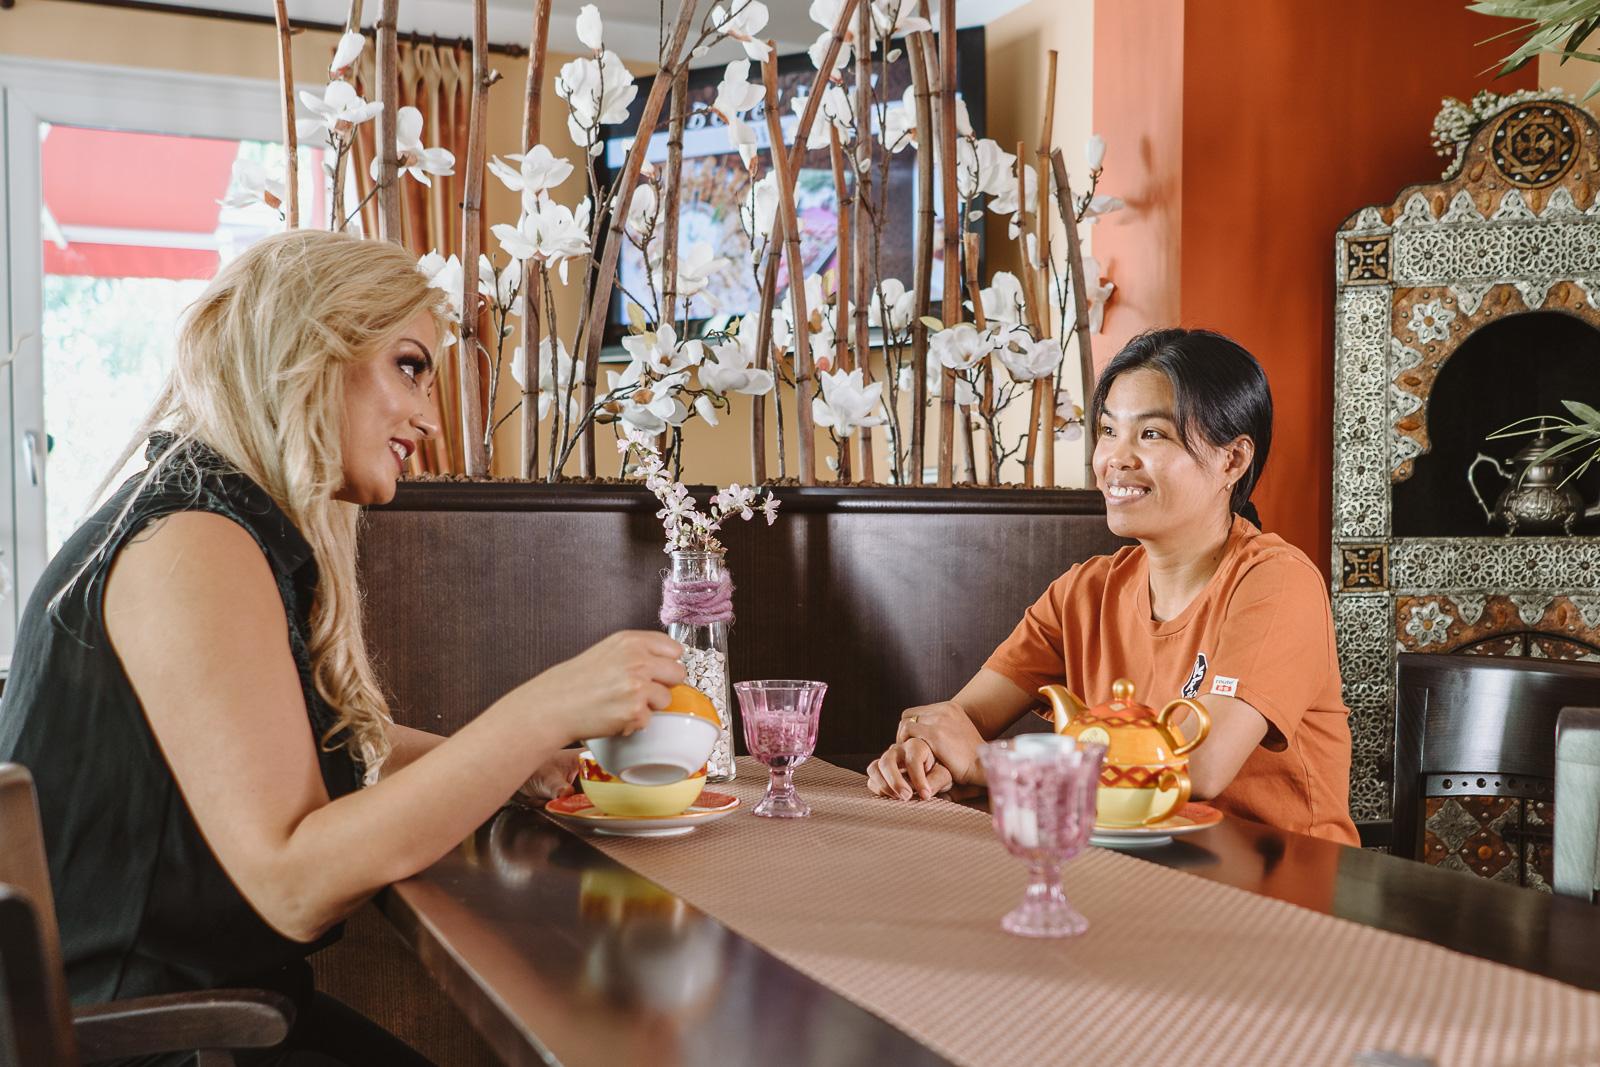 Unternehmensreportage - Salzgrotte Beuel Vital - Frauen trinken Tee nach Behandlung